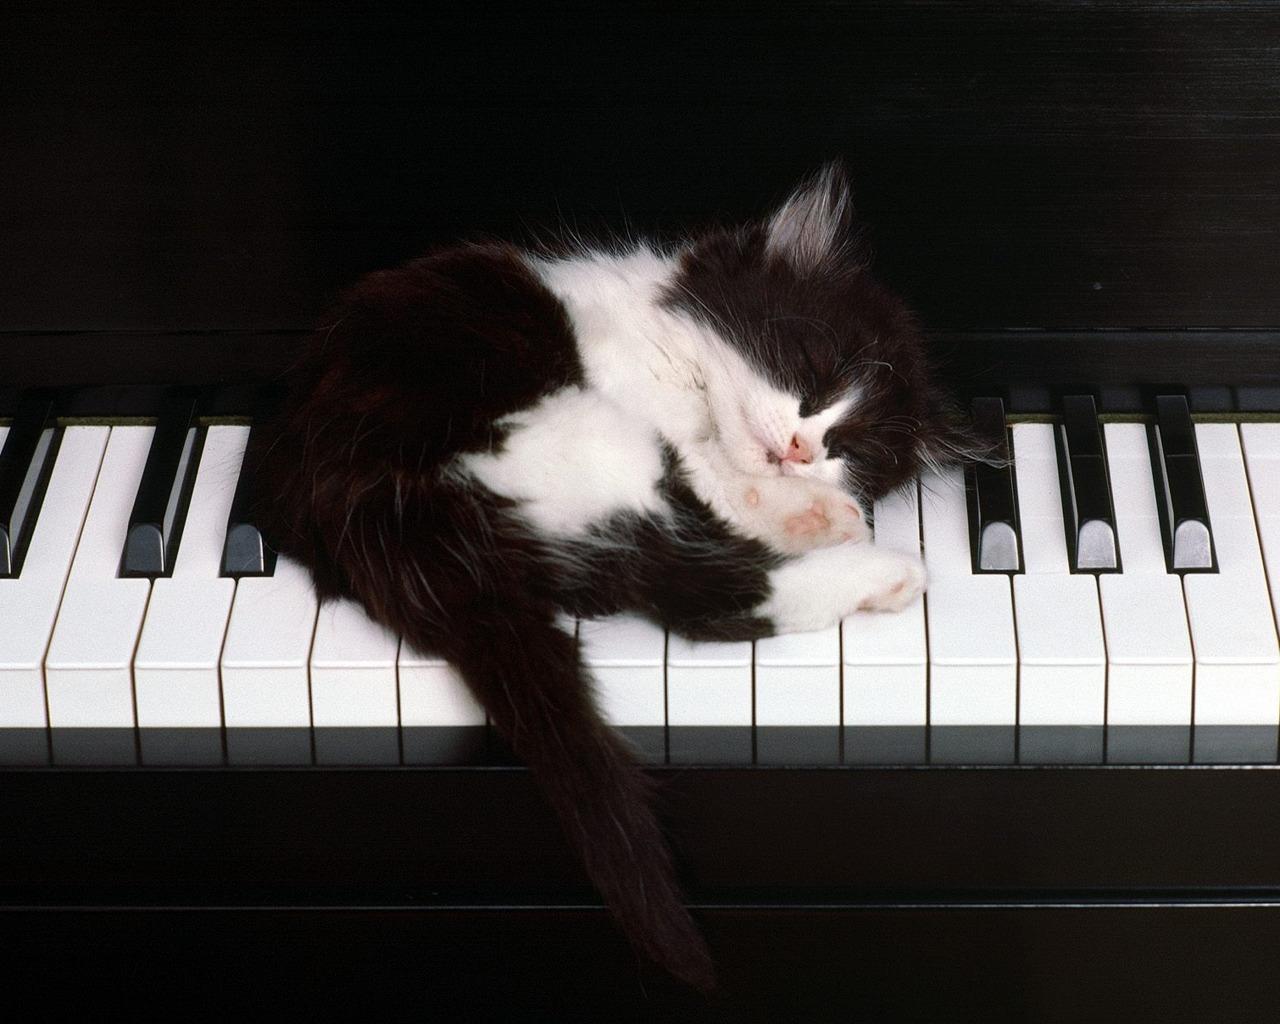 Beautiful Cute Cat Sleeping On Piano